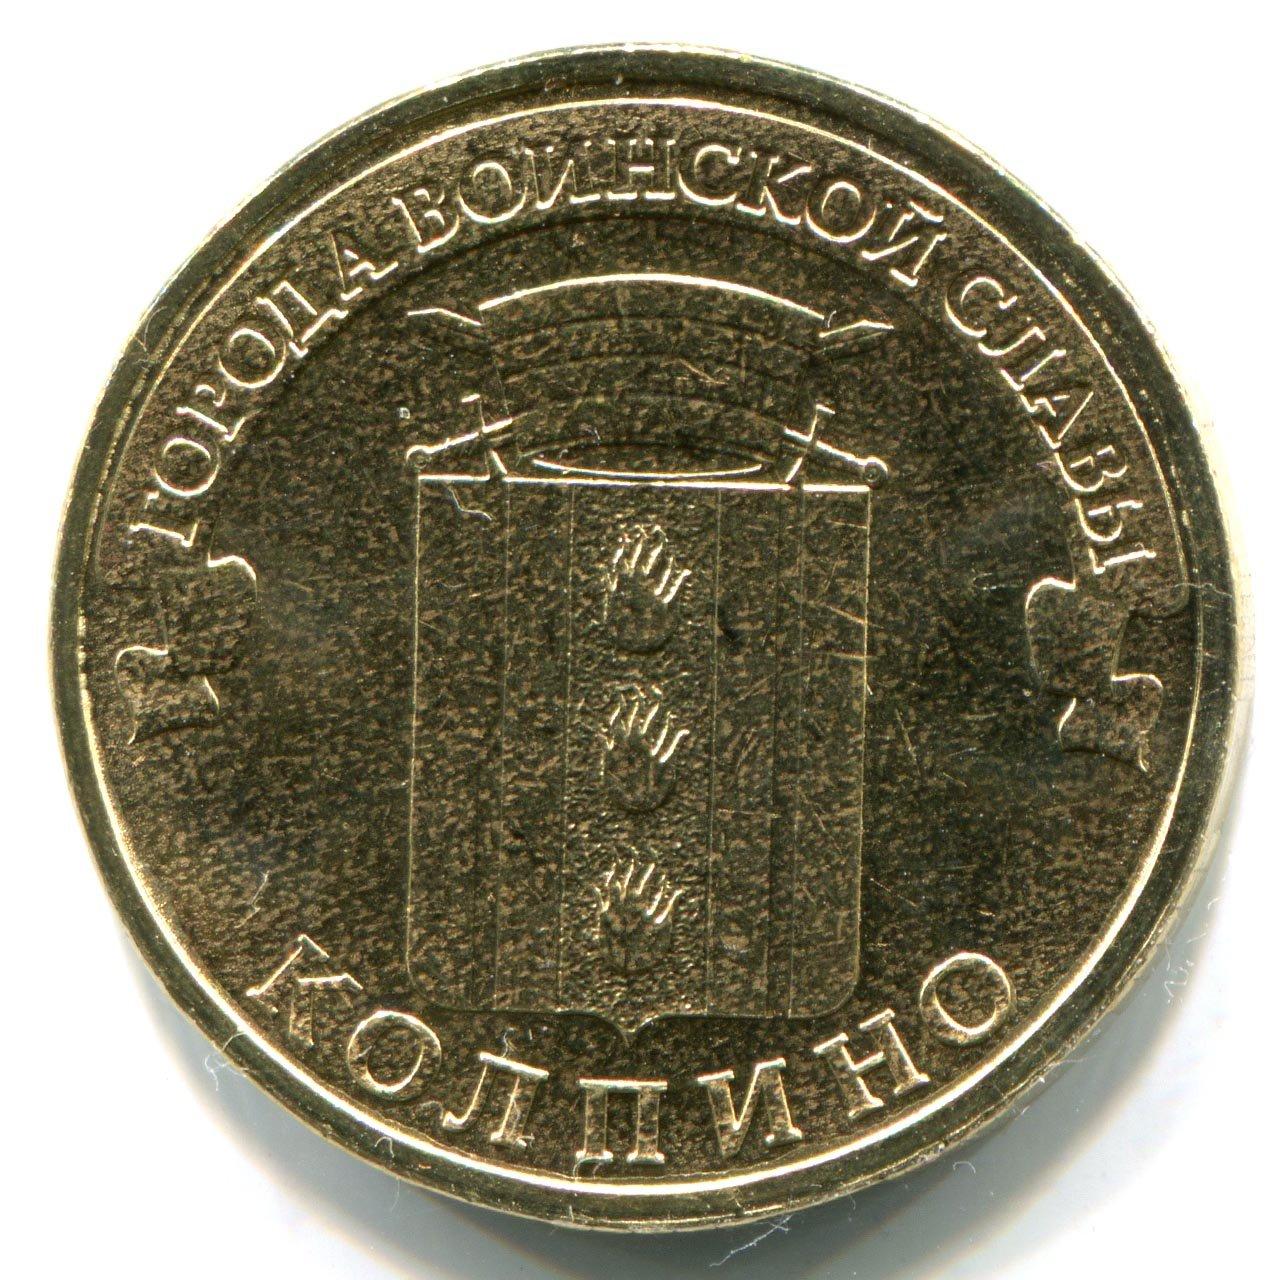 Монета колпино 10 рублей 2014 года цена российские монеты города воинской славы